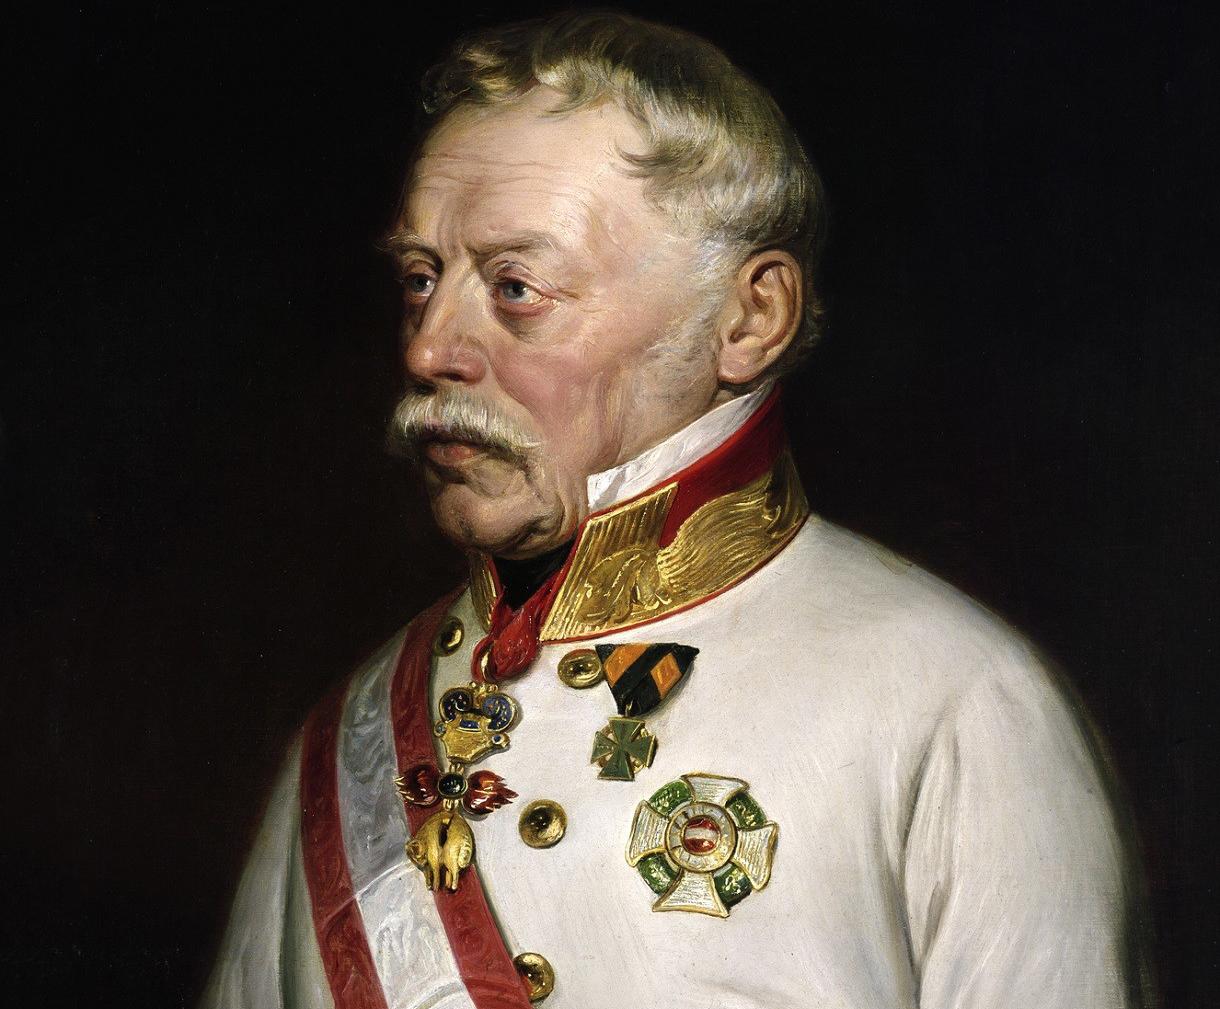 portrait_of_field_marshal_johann_josef_wenzel_graf_radetzky_von_radetz_by_georg_decker_heeresgeschichtliches_museum.jpg